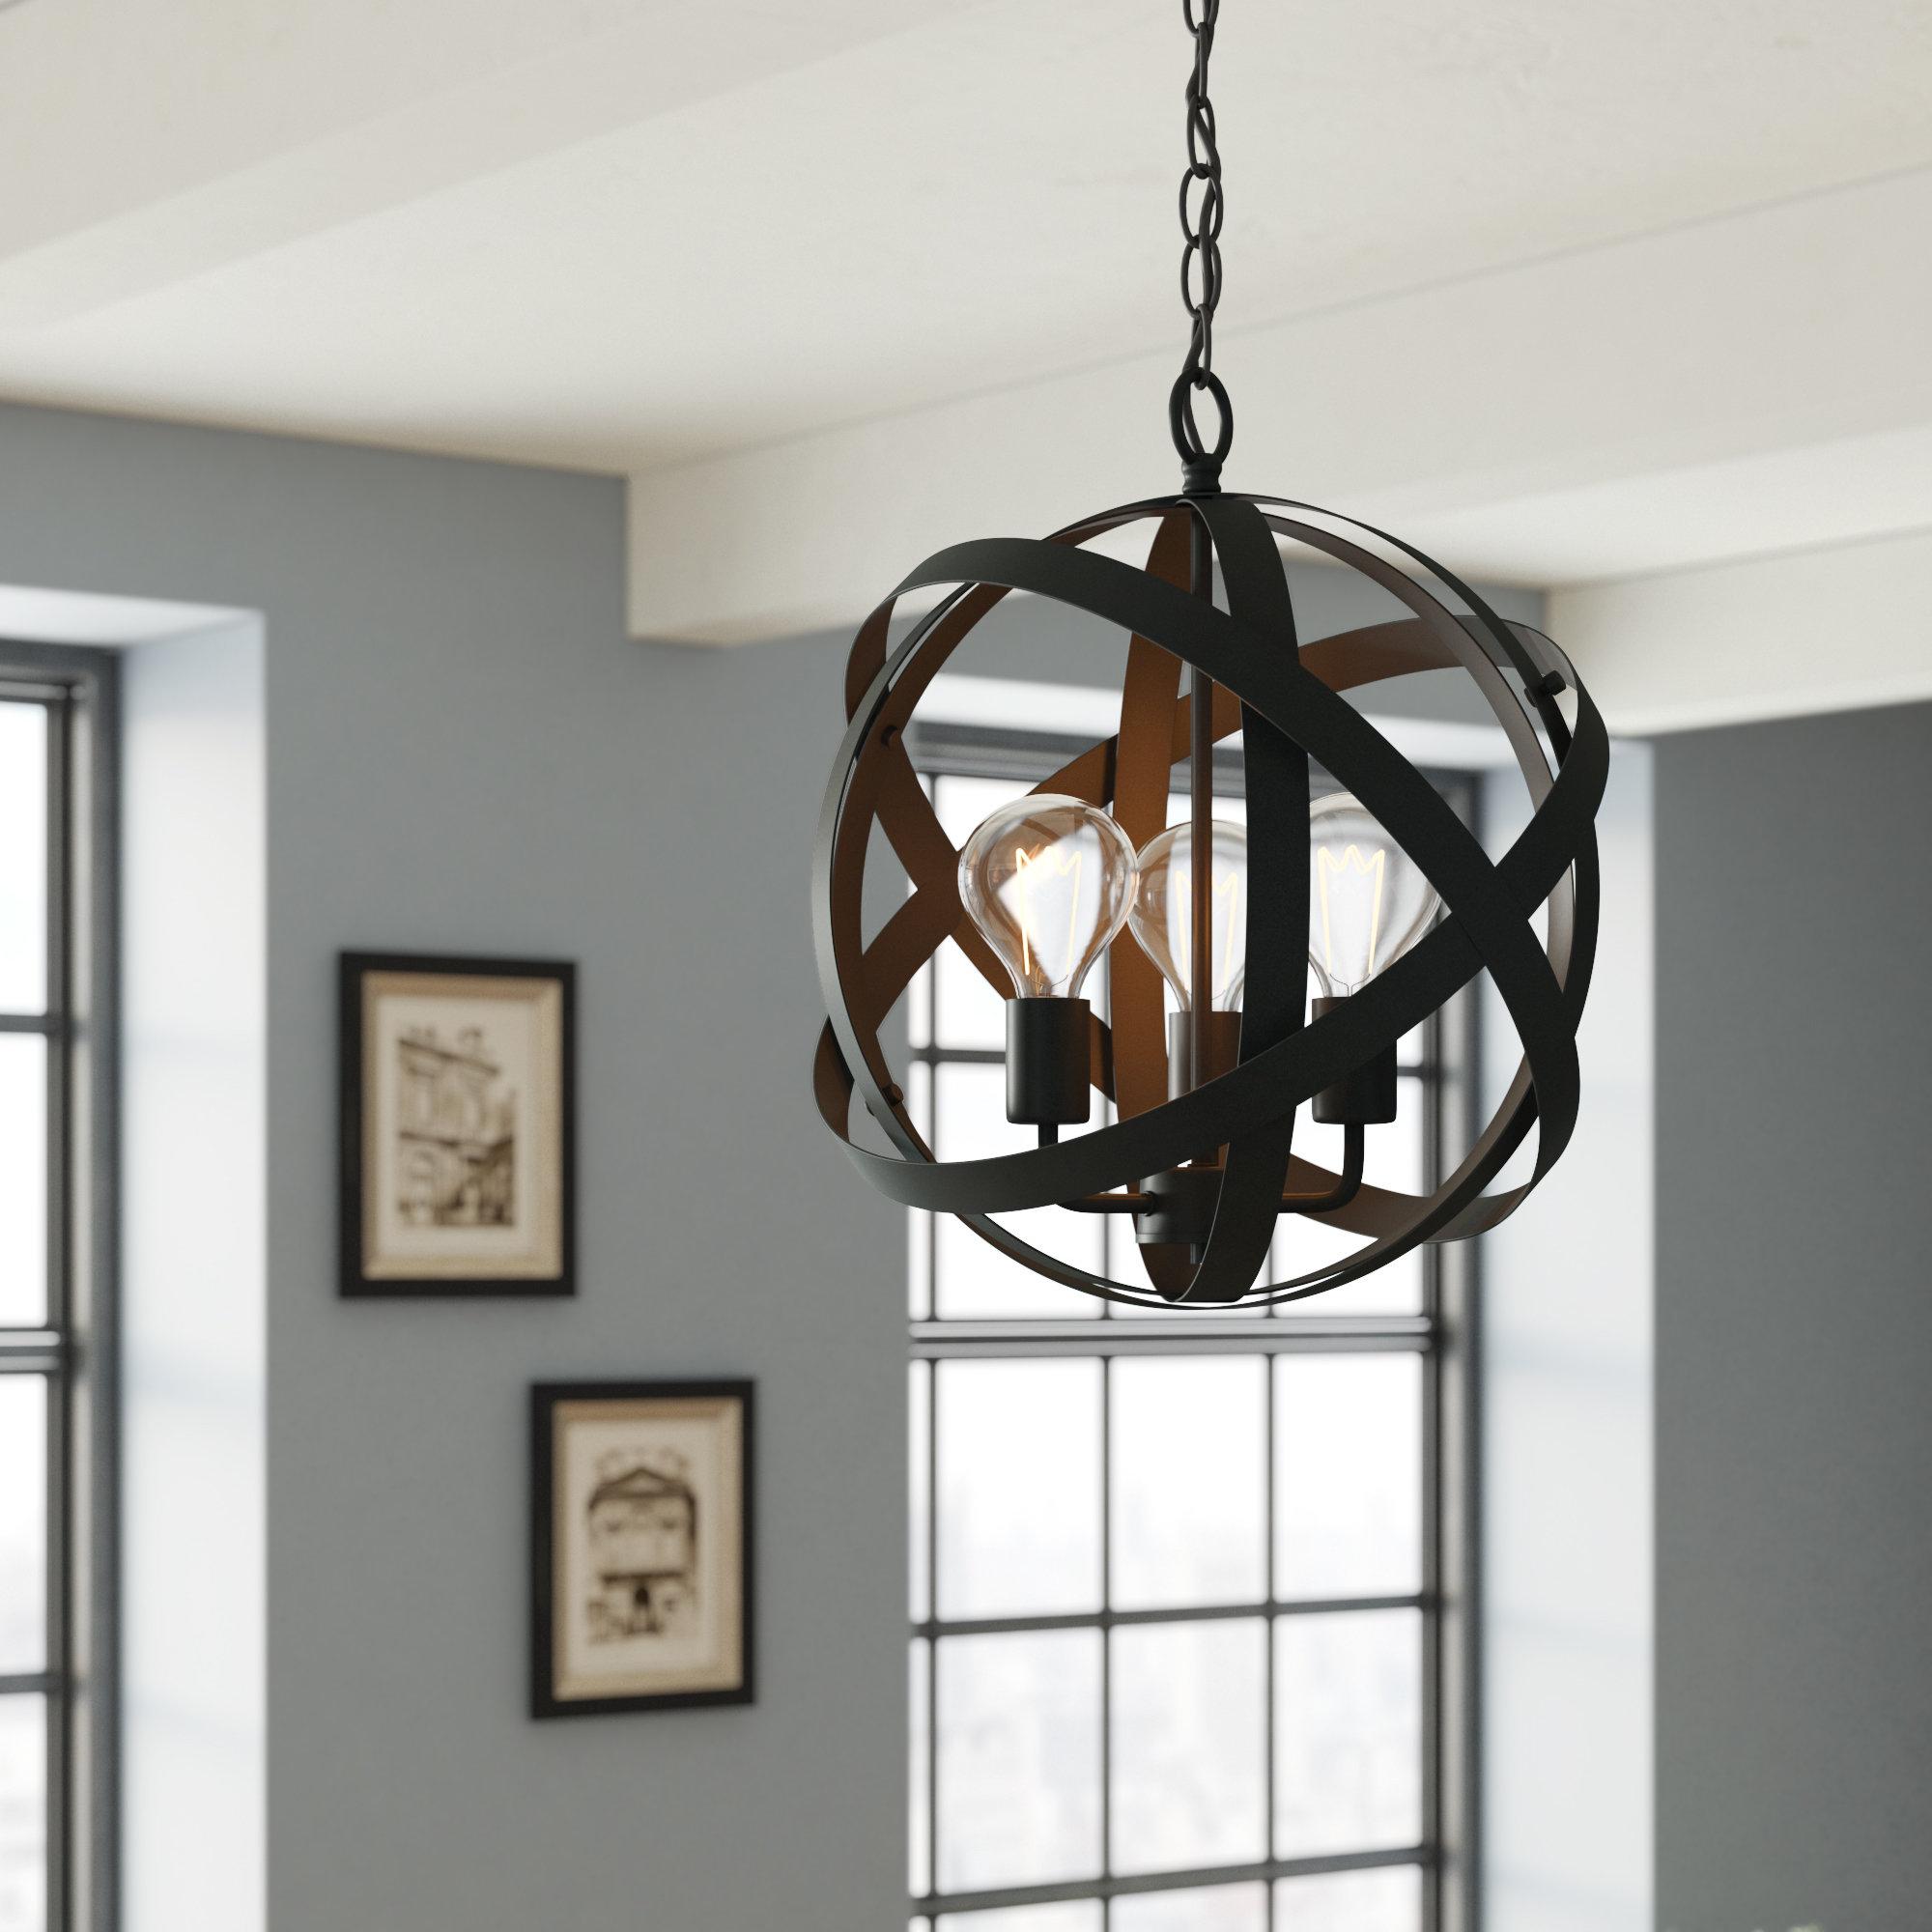 Framlingham 3 Light Globe Chandelier Throughout La Sarre 3 Light Globe Chandeliers (View 13 of 30)